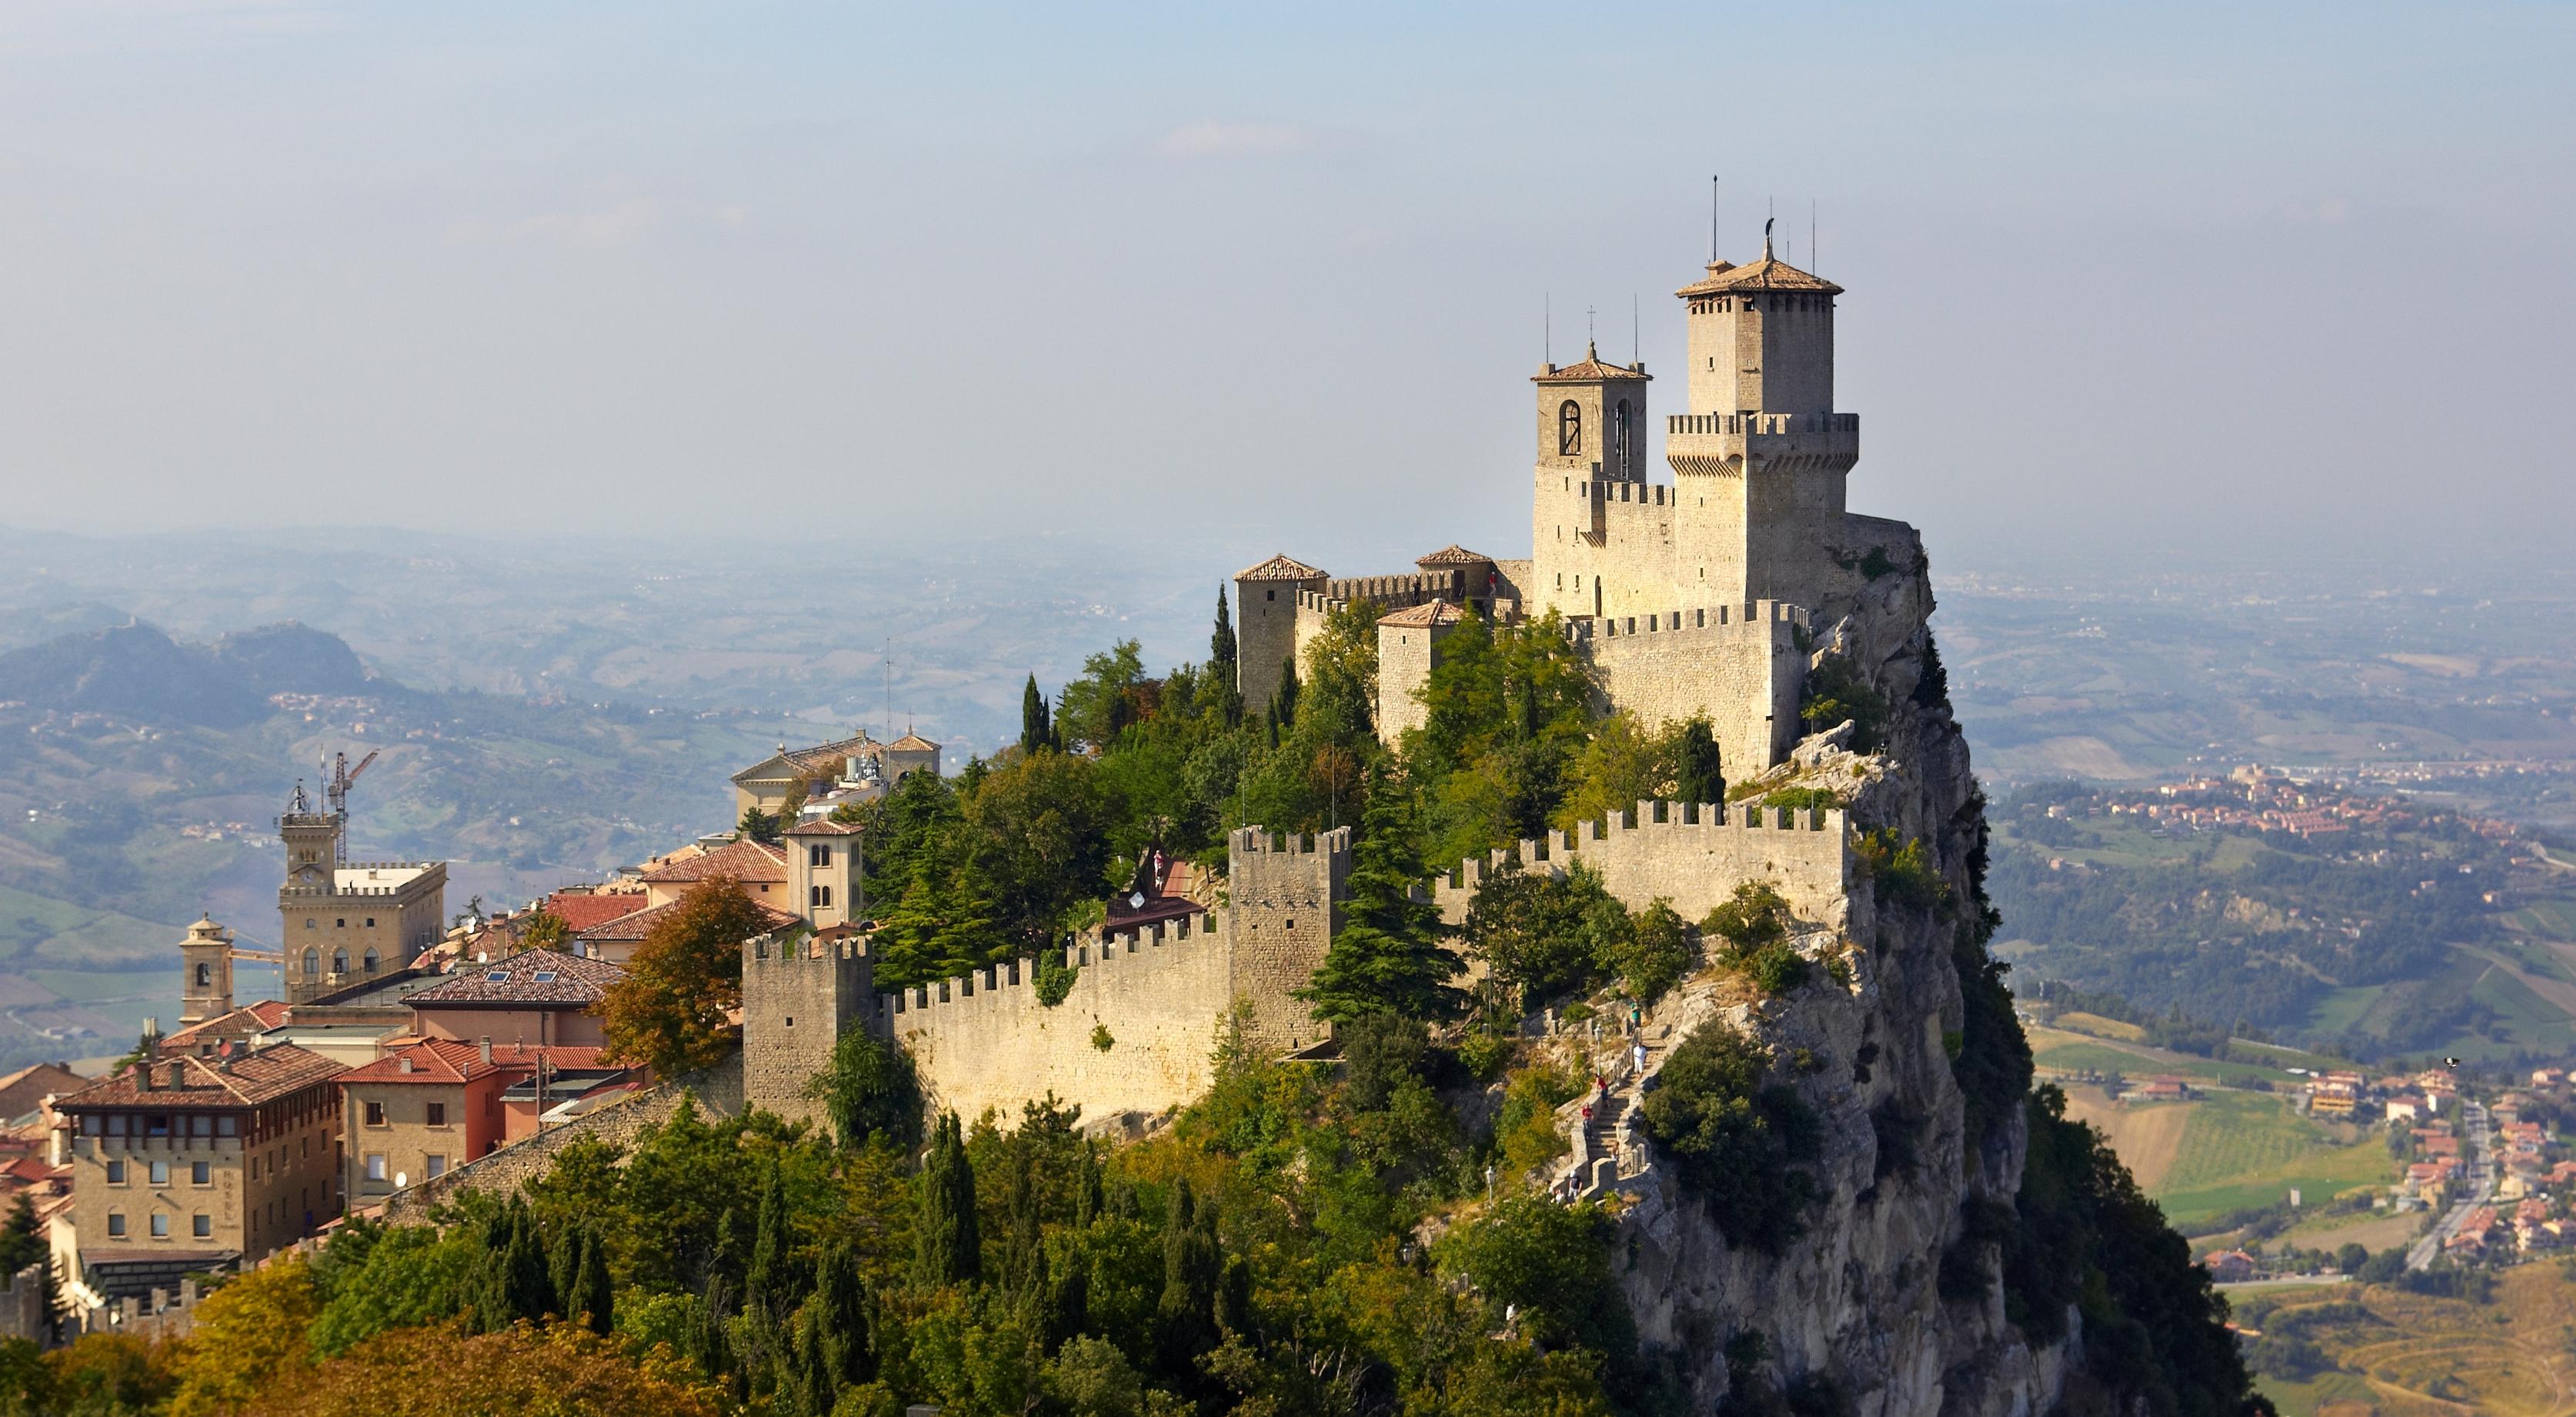 San Marino. Celiachia, tutto da rifare